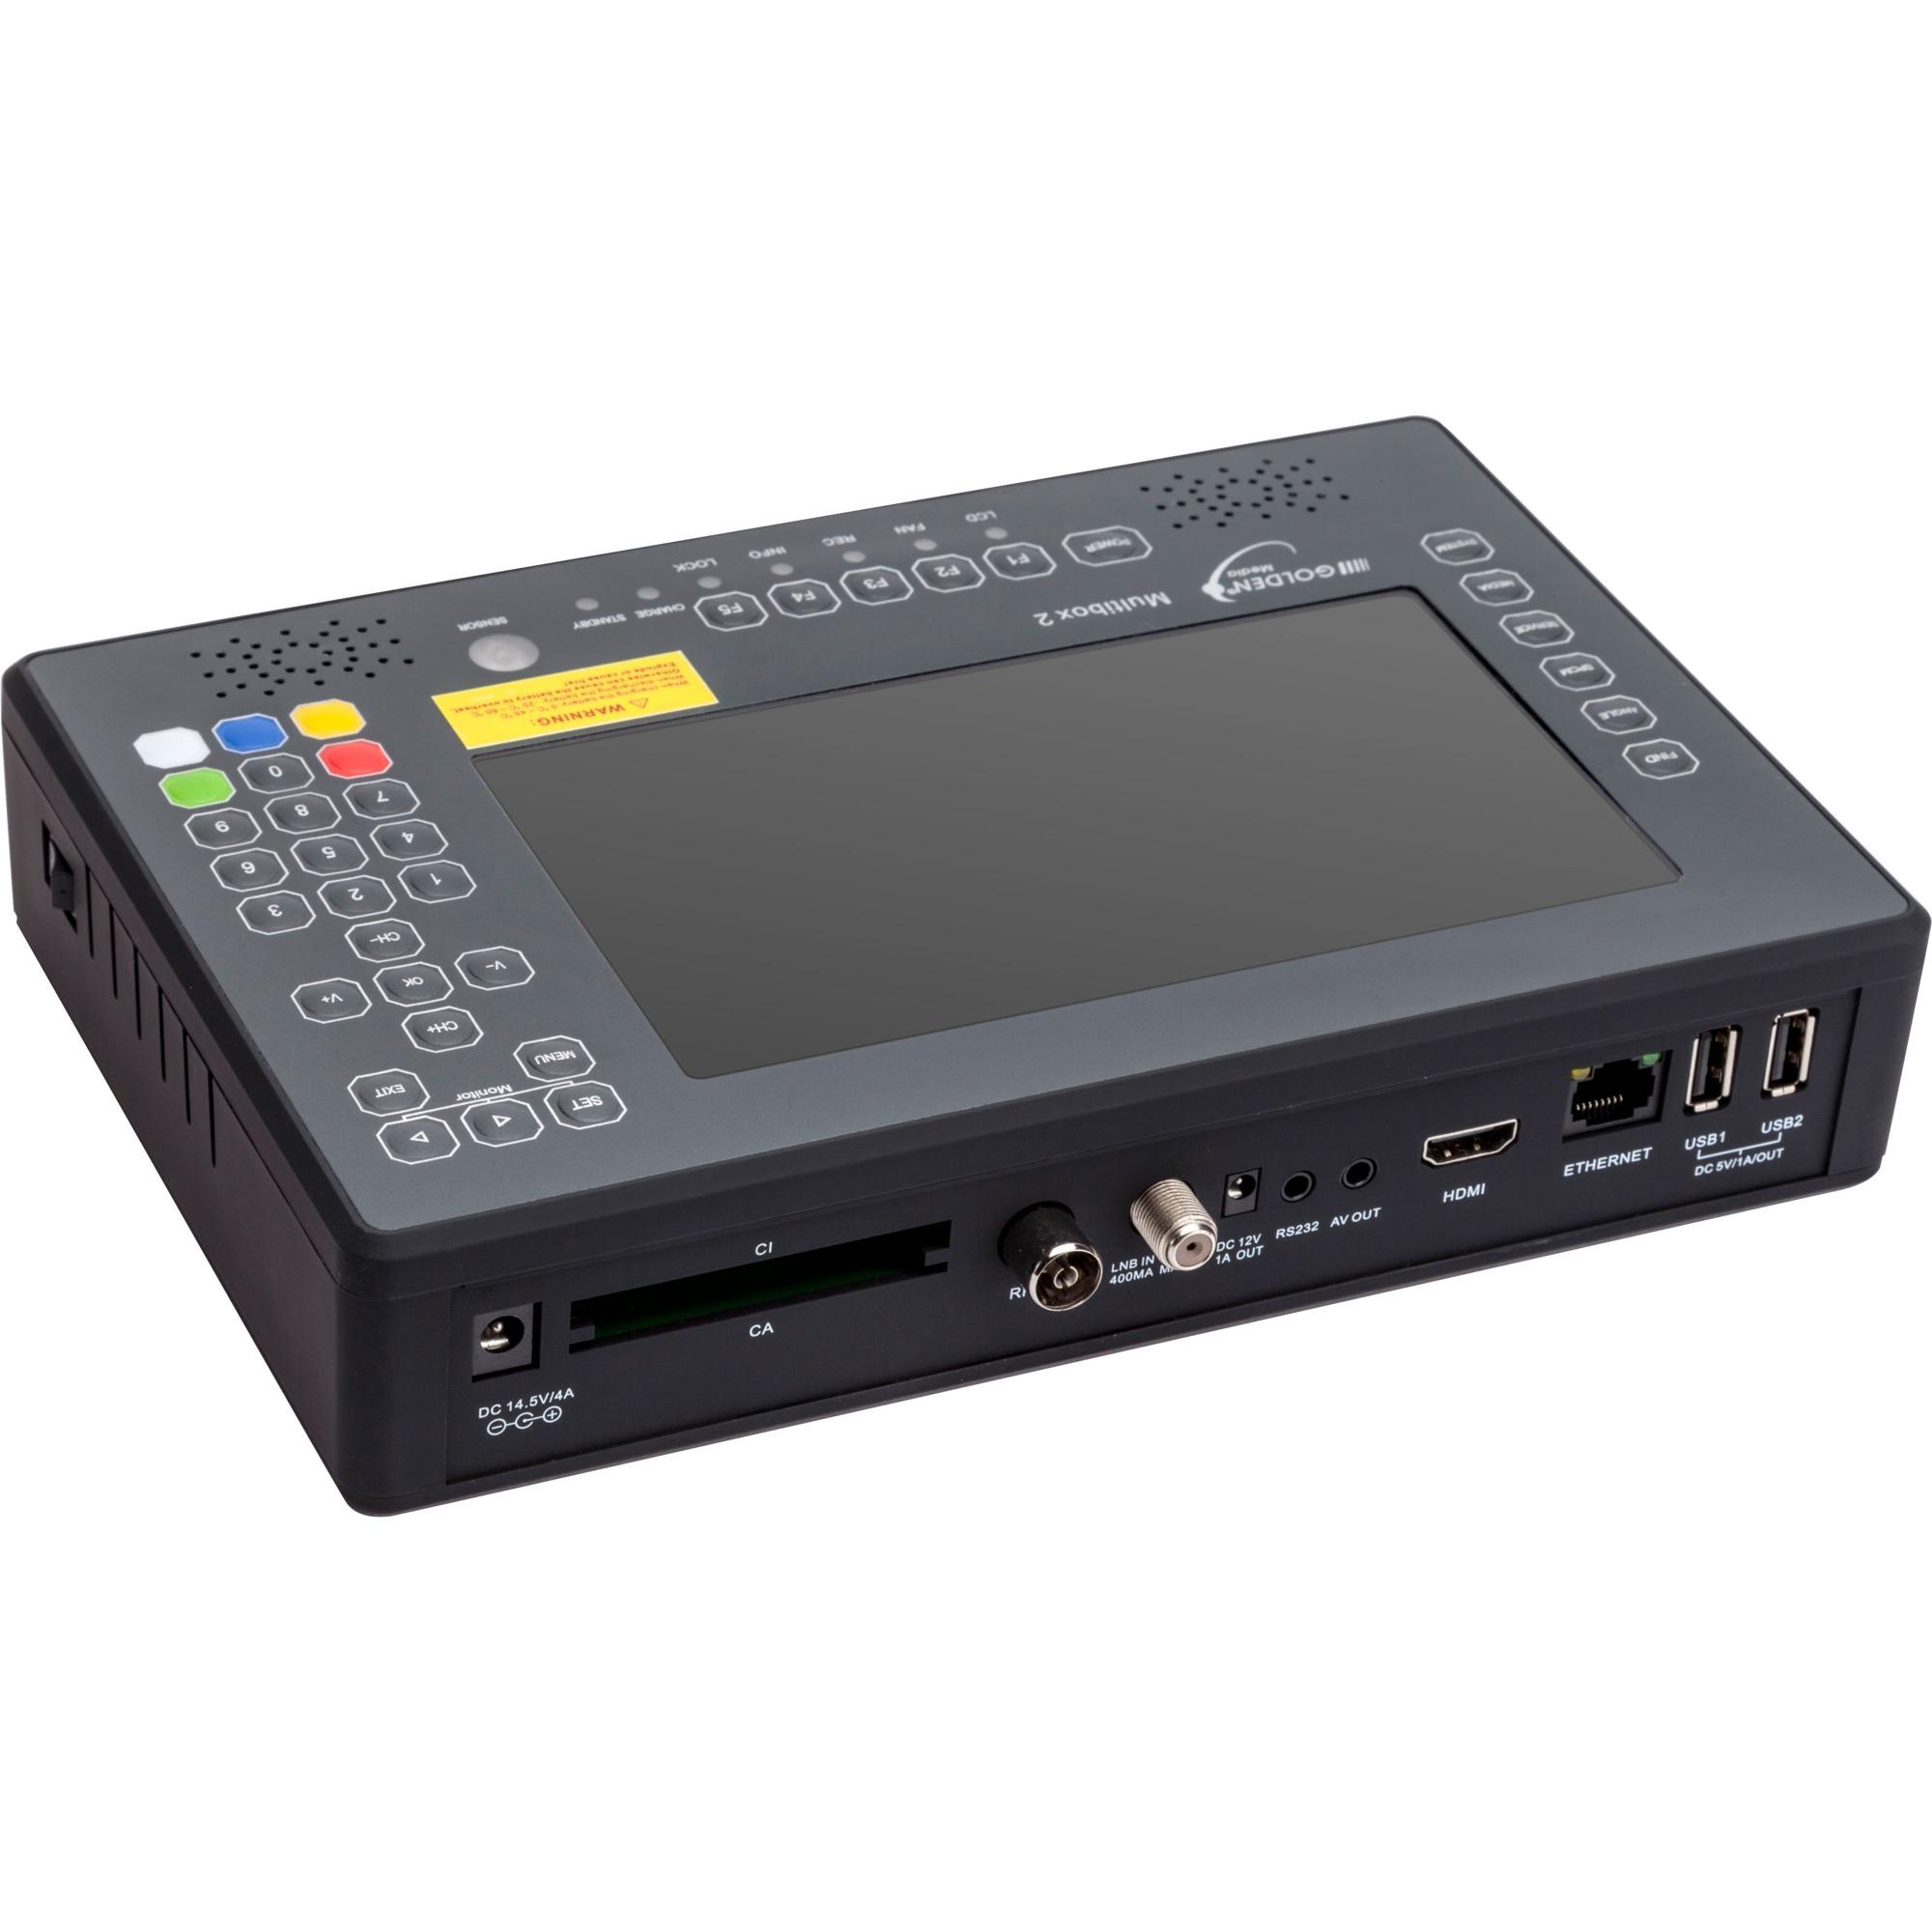 10000134-sat-kabel-terr-receiver